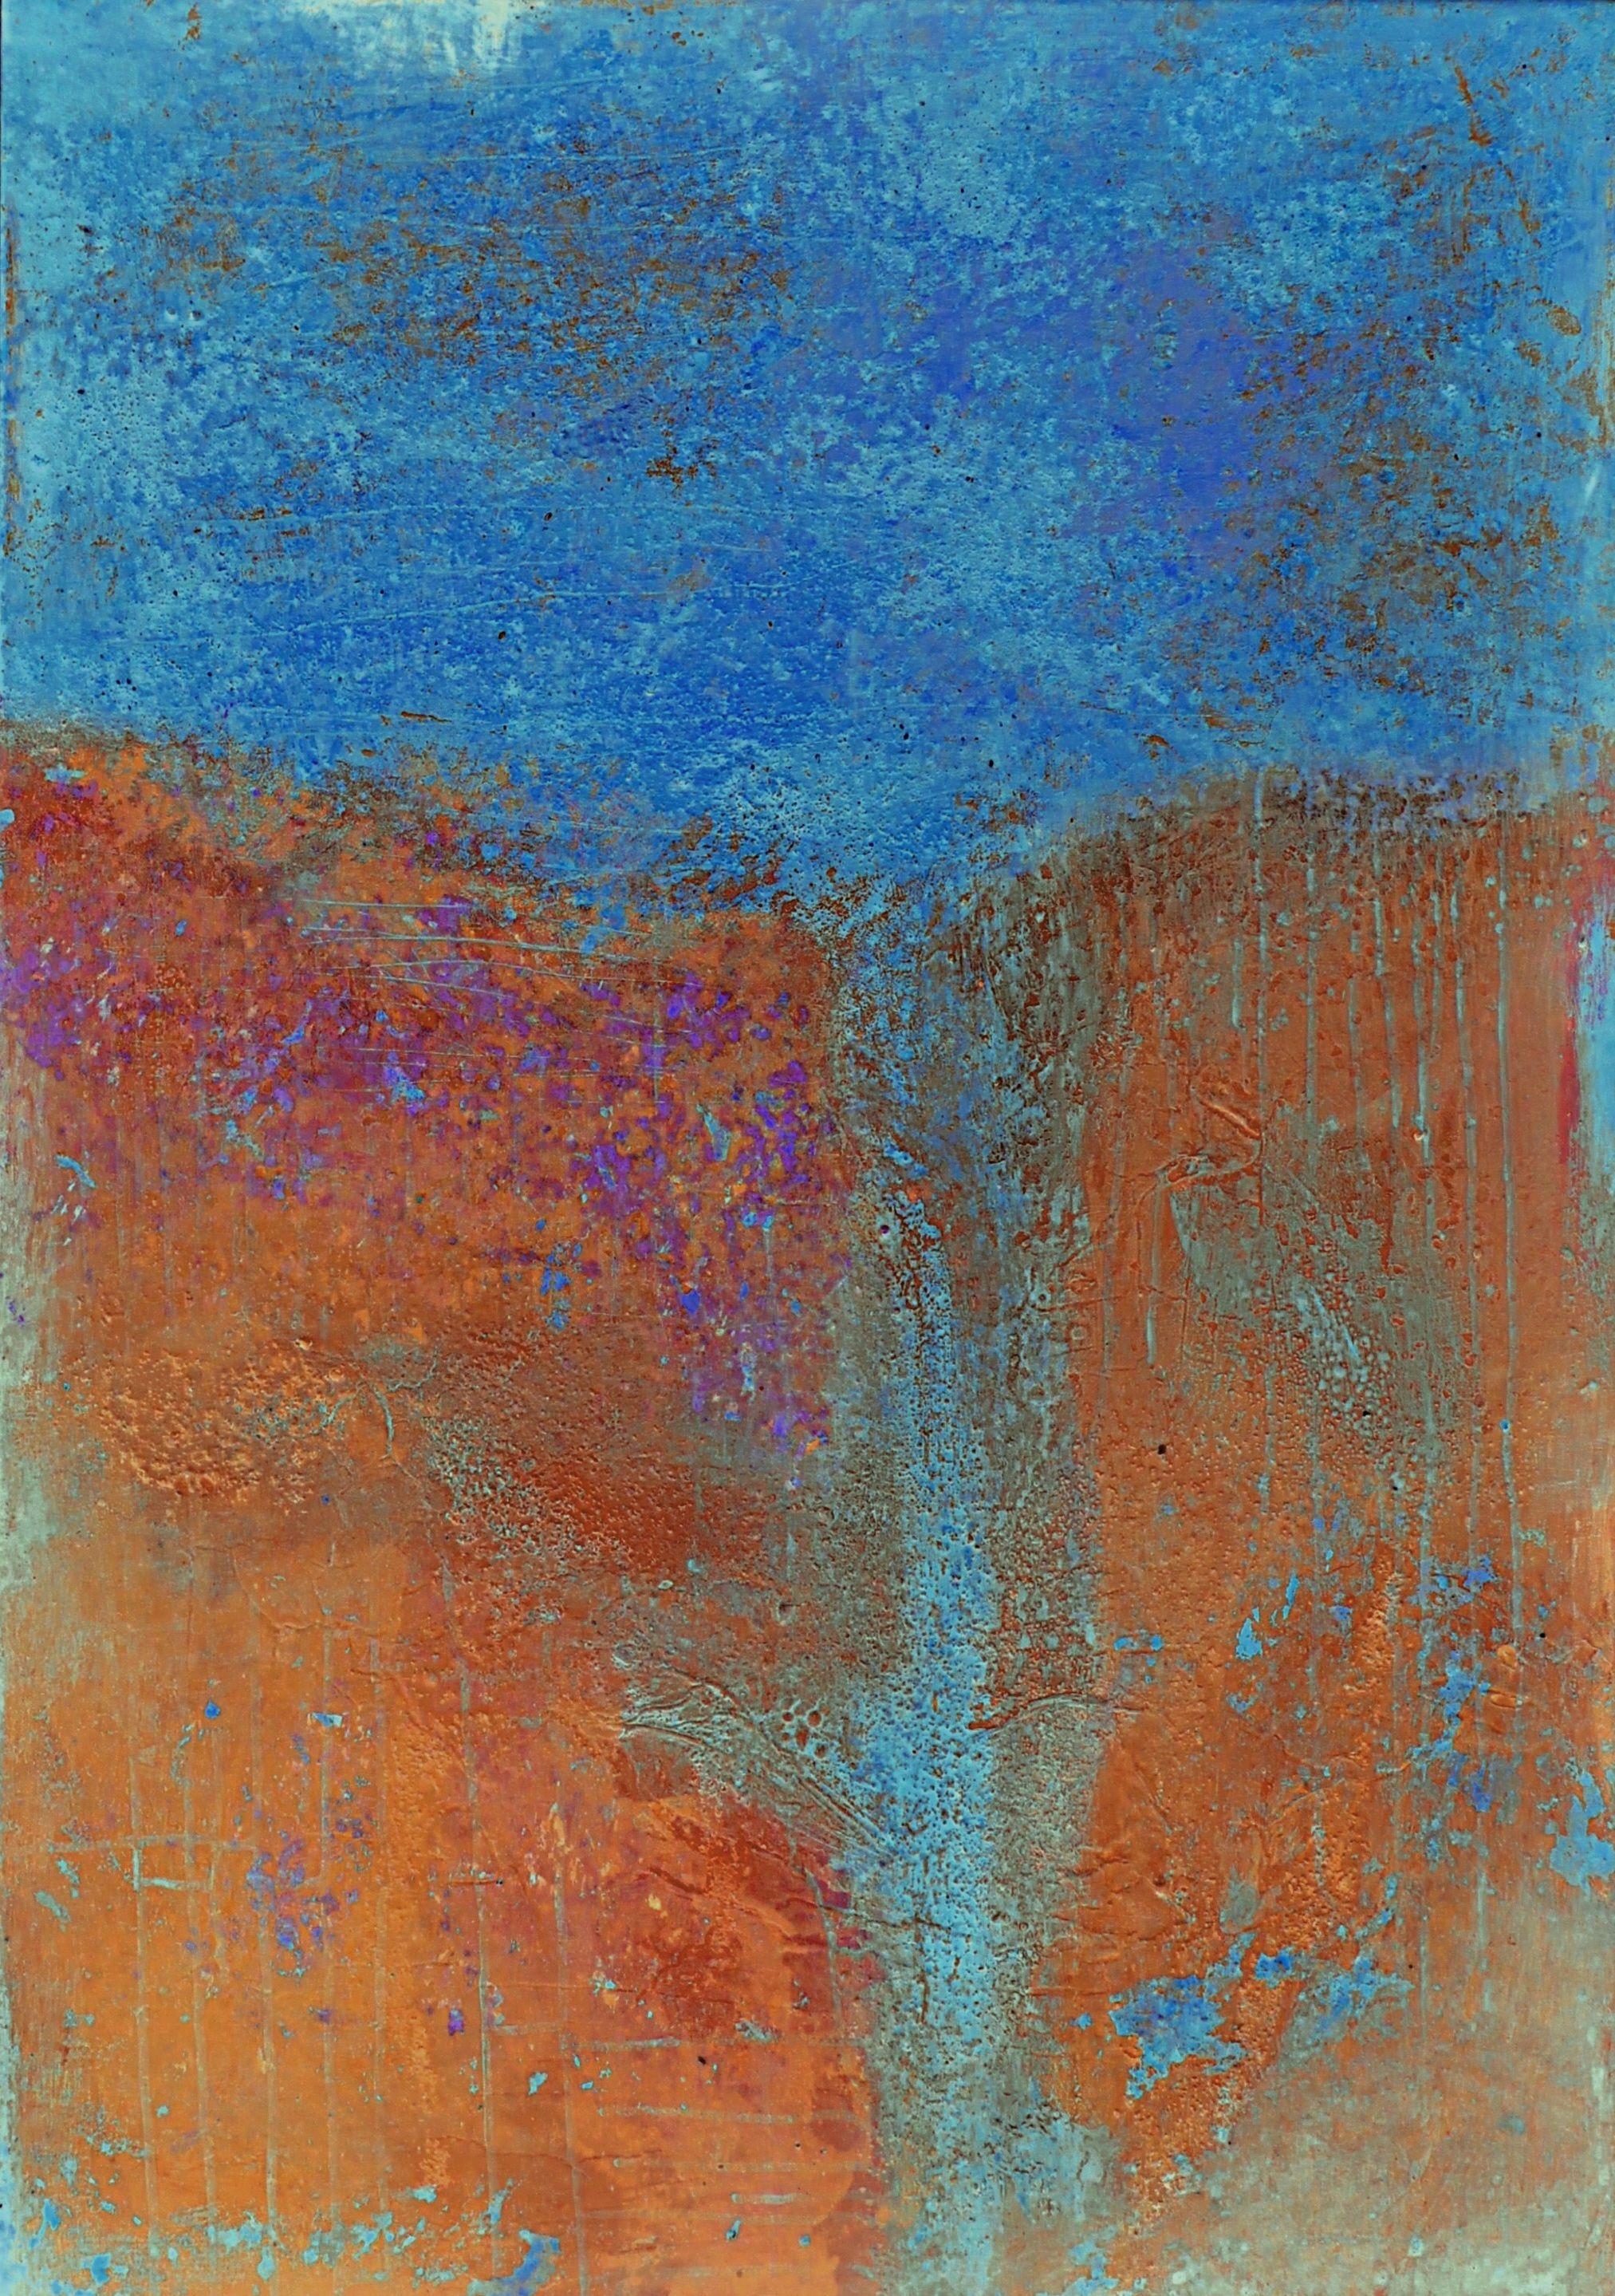 Farben und Strukturen, digitale Versionen meiner Bilder 9/1